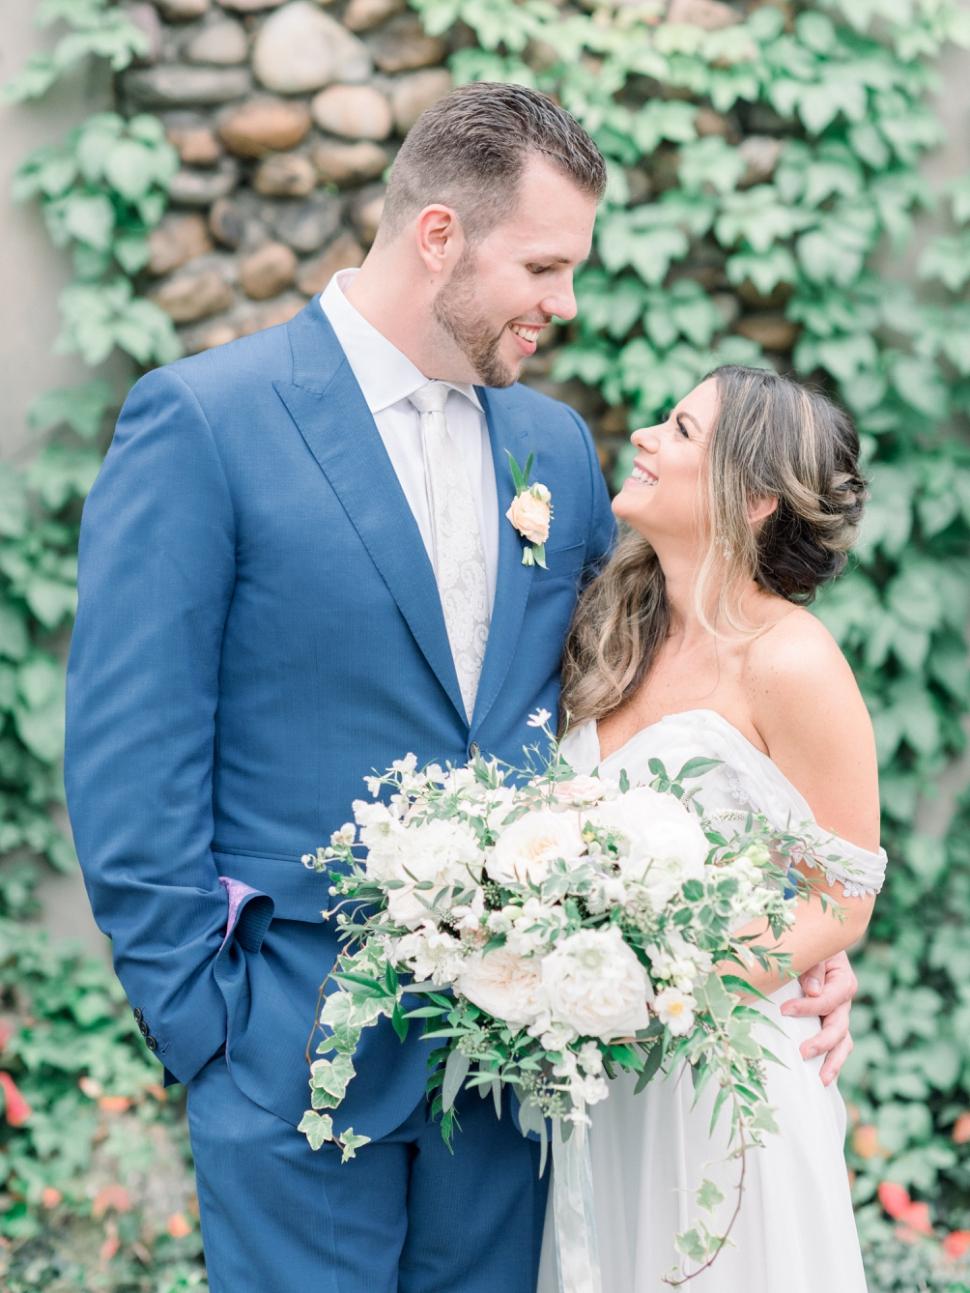 New-Jersey-Wedding-Photographer-Cassi-Claire-Inn-at-Fernbrook-Farms-Wedding_24.jpg